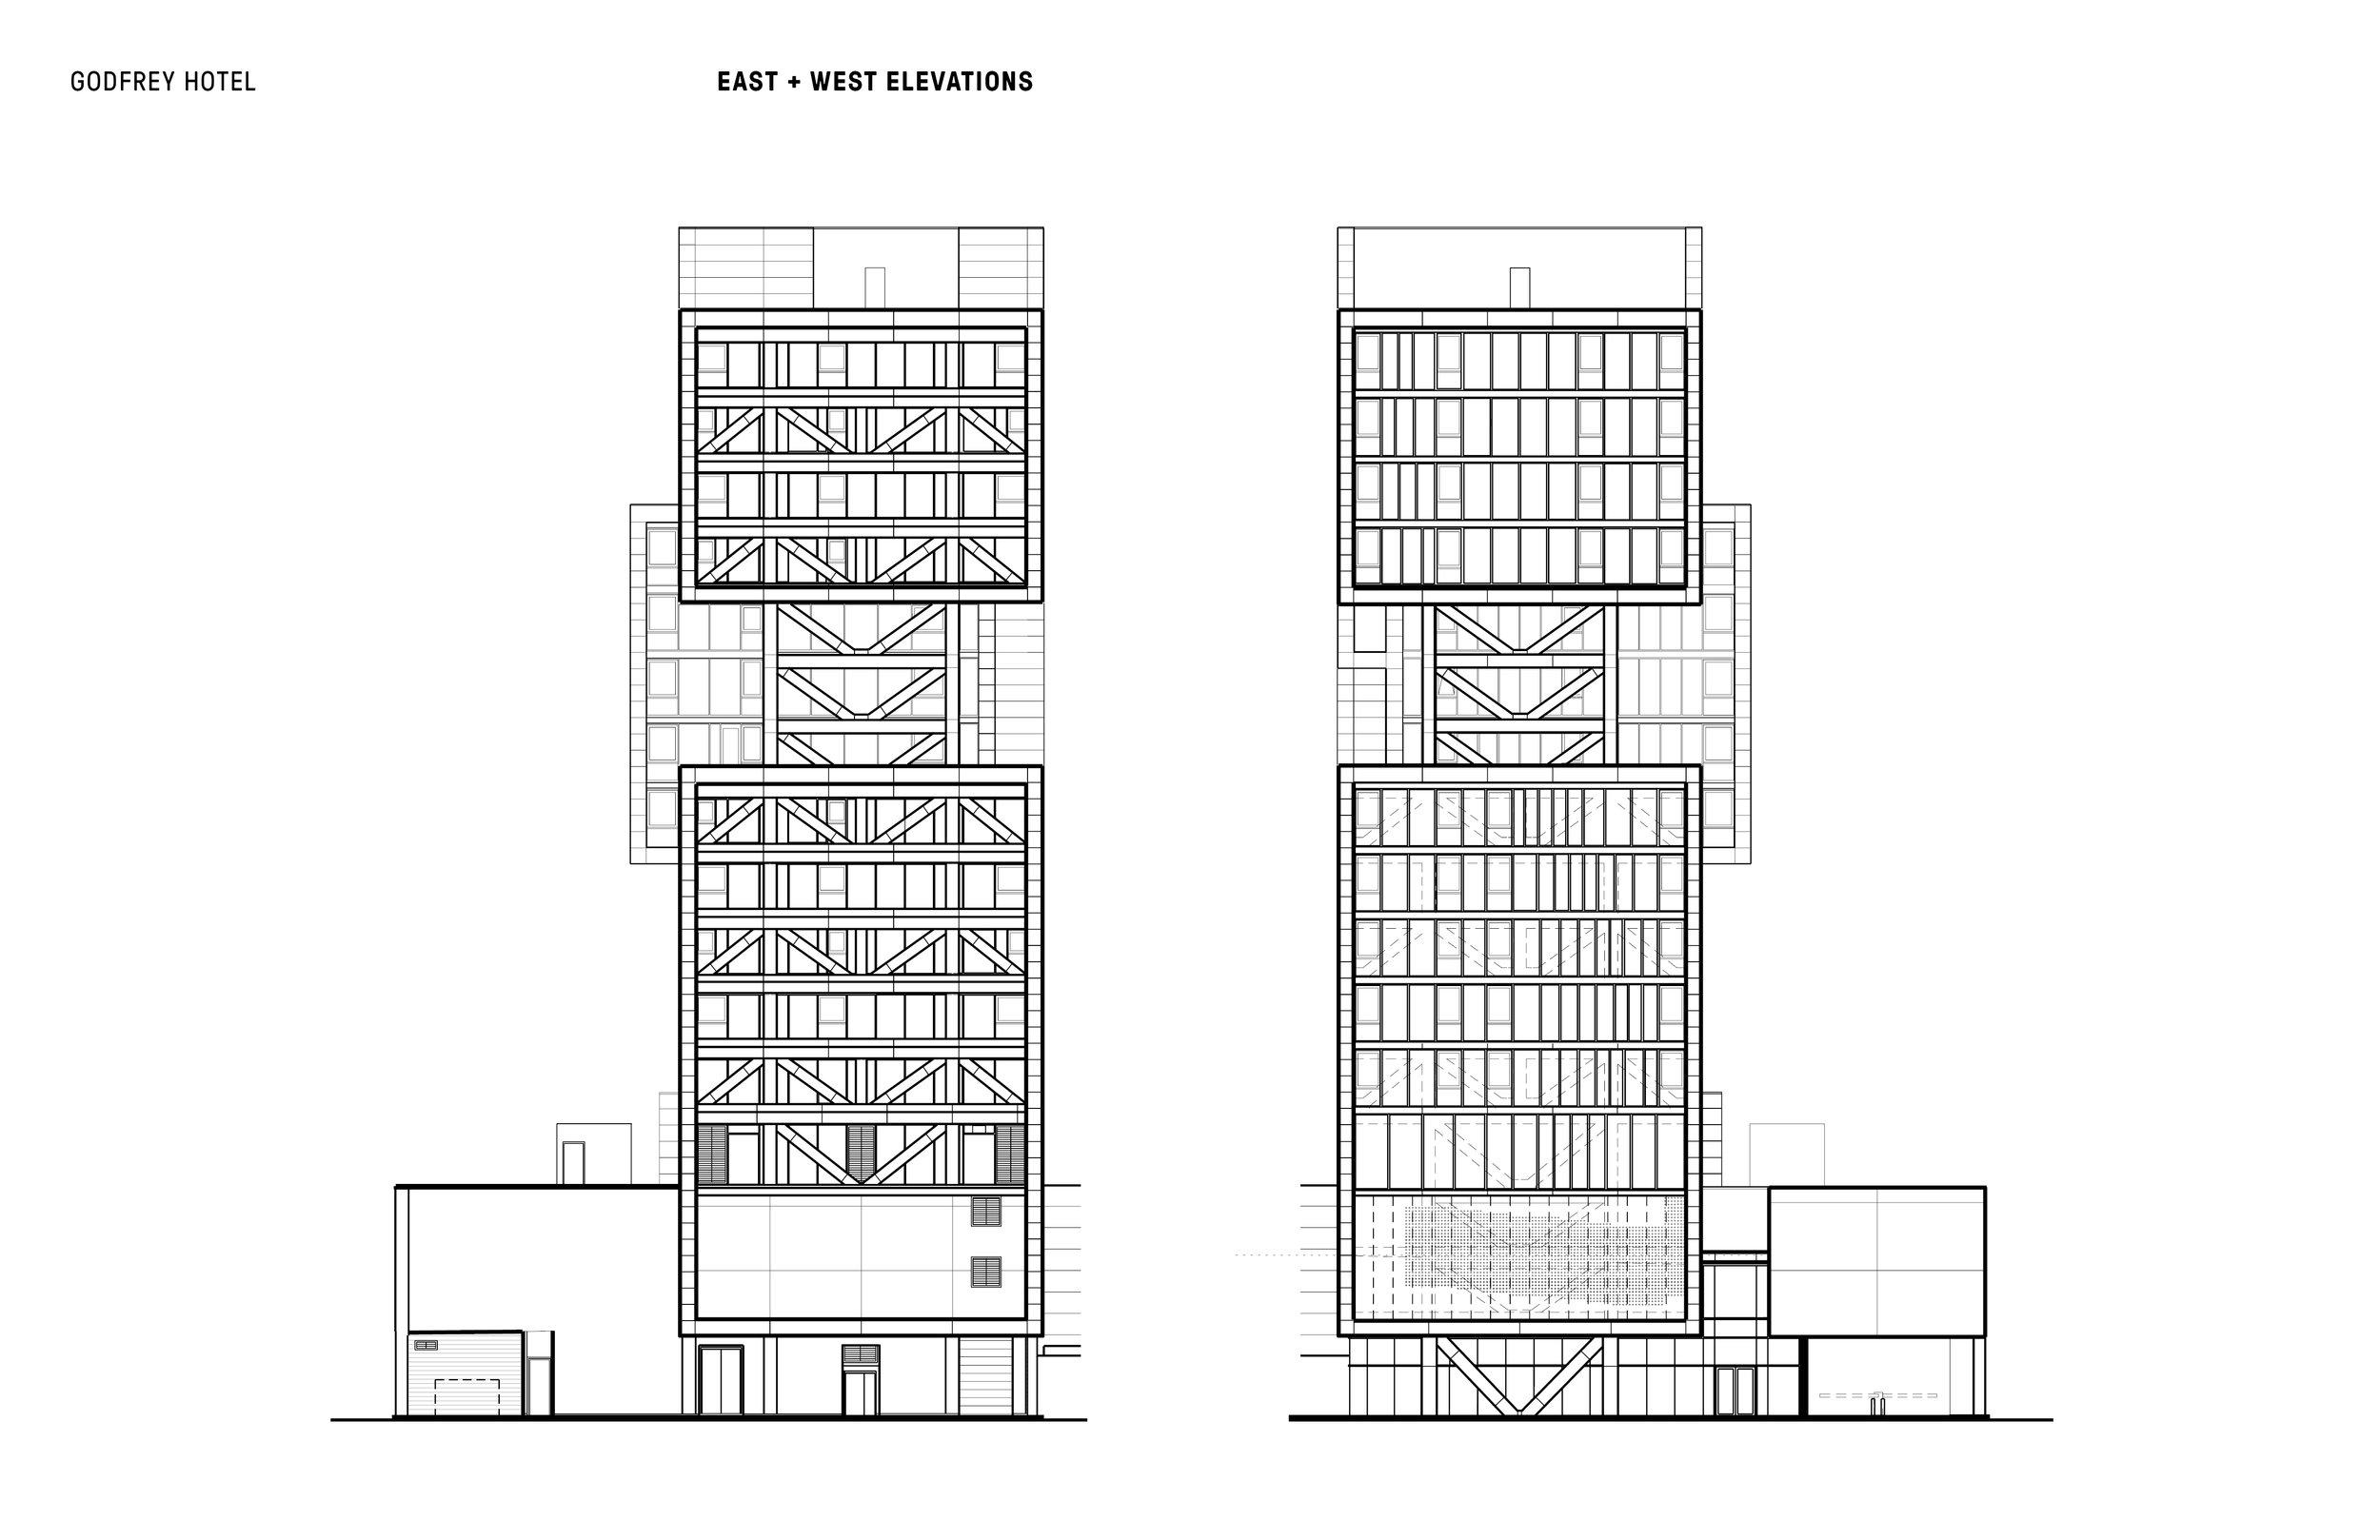 Godfrey_Hotel_plans-elevations1.jpg